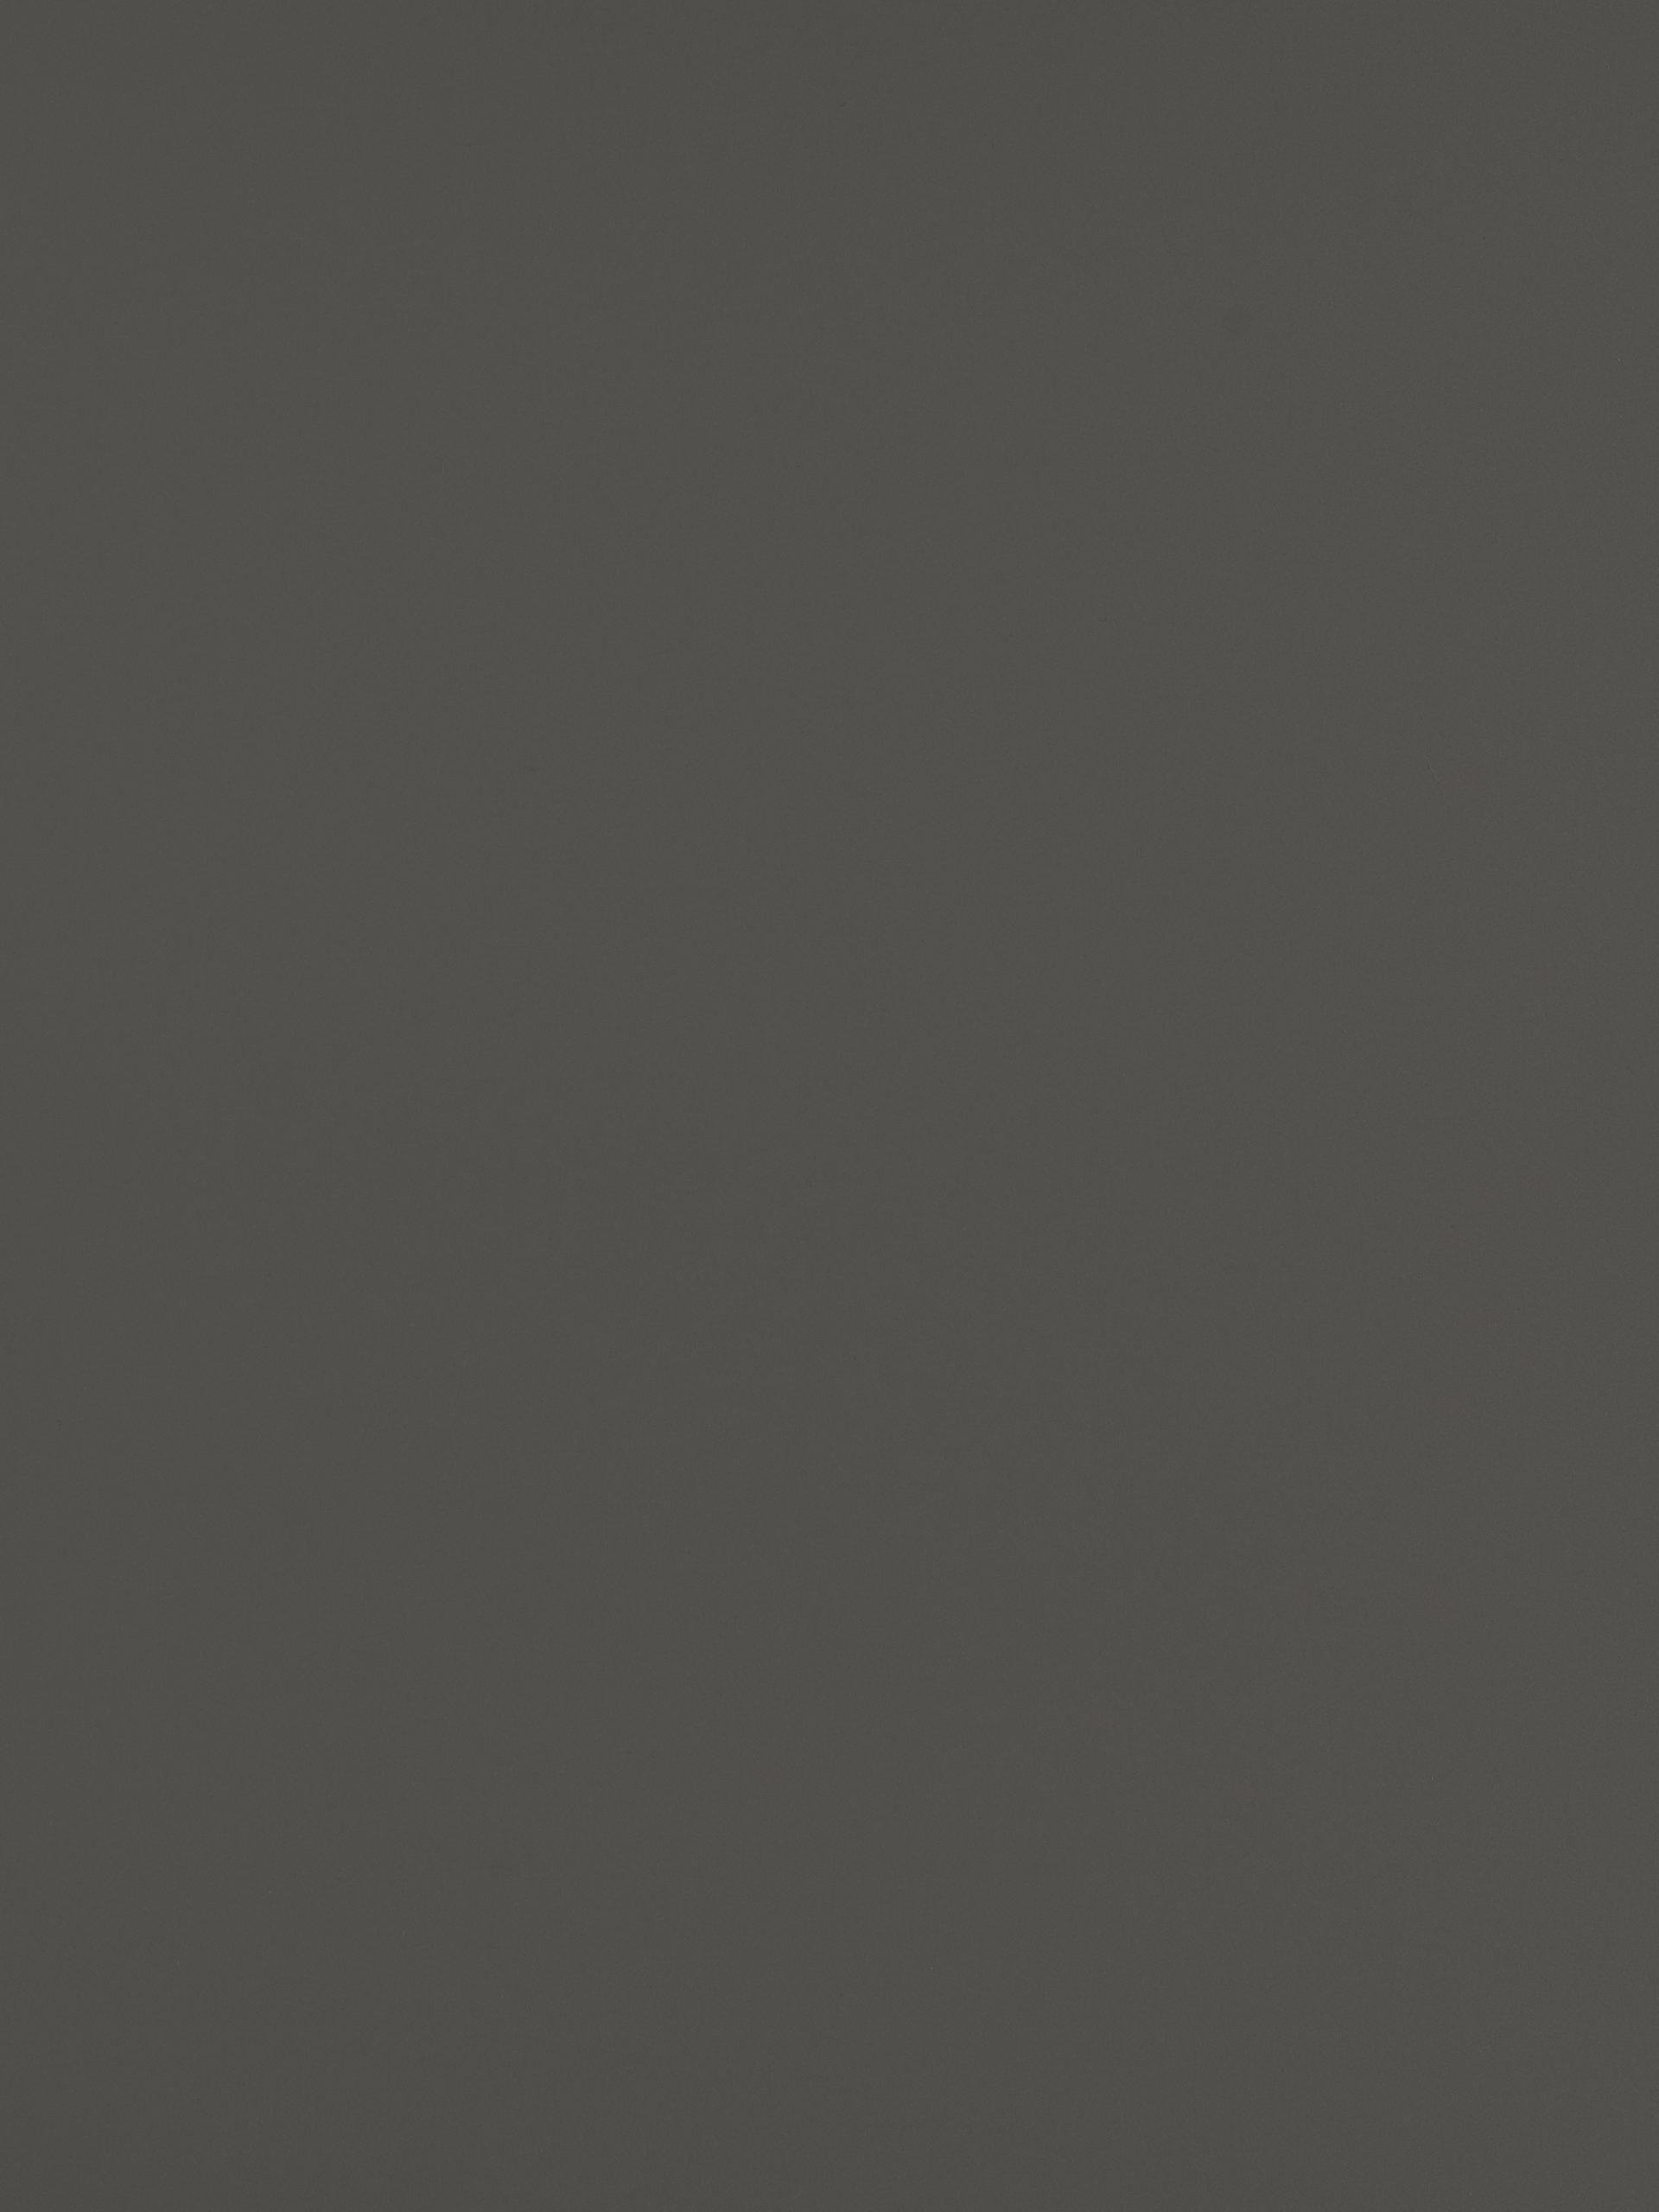 МДФ HM08/US12 19мм Piombo/Seta 3050х1300мм